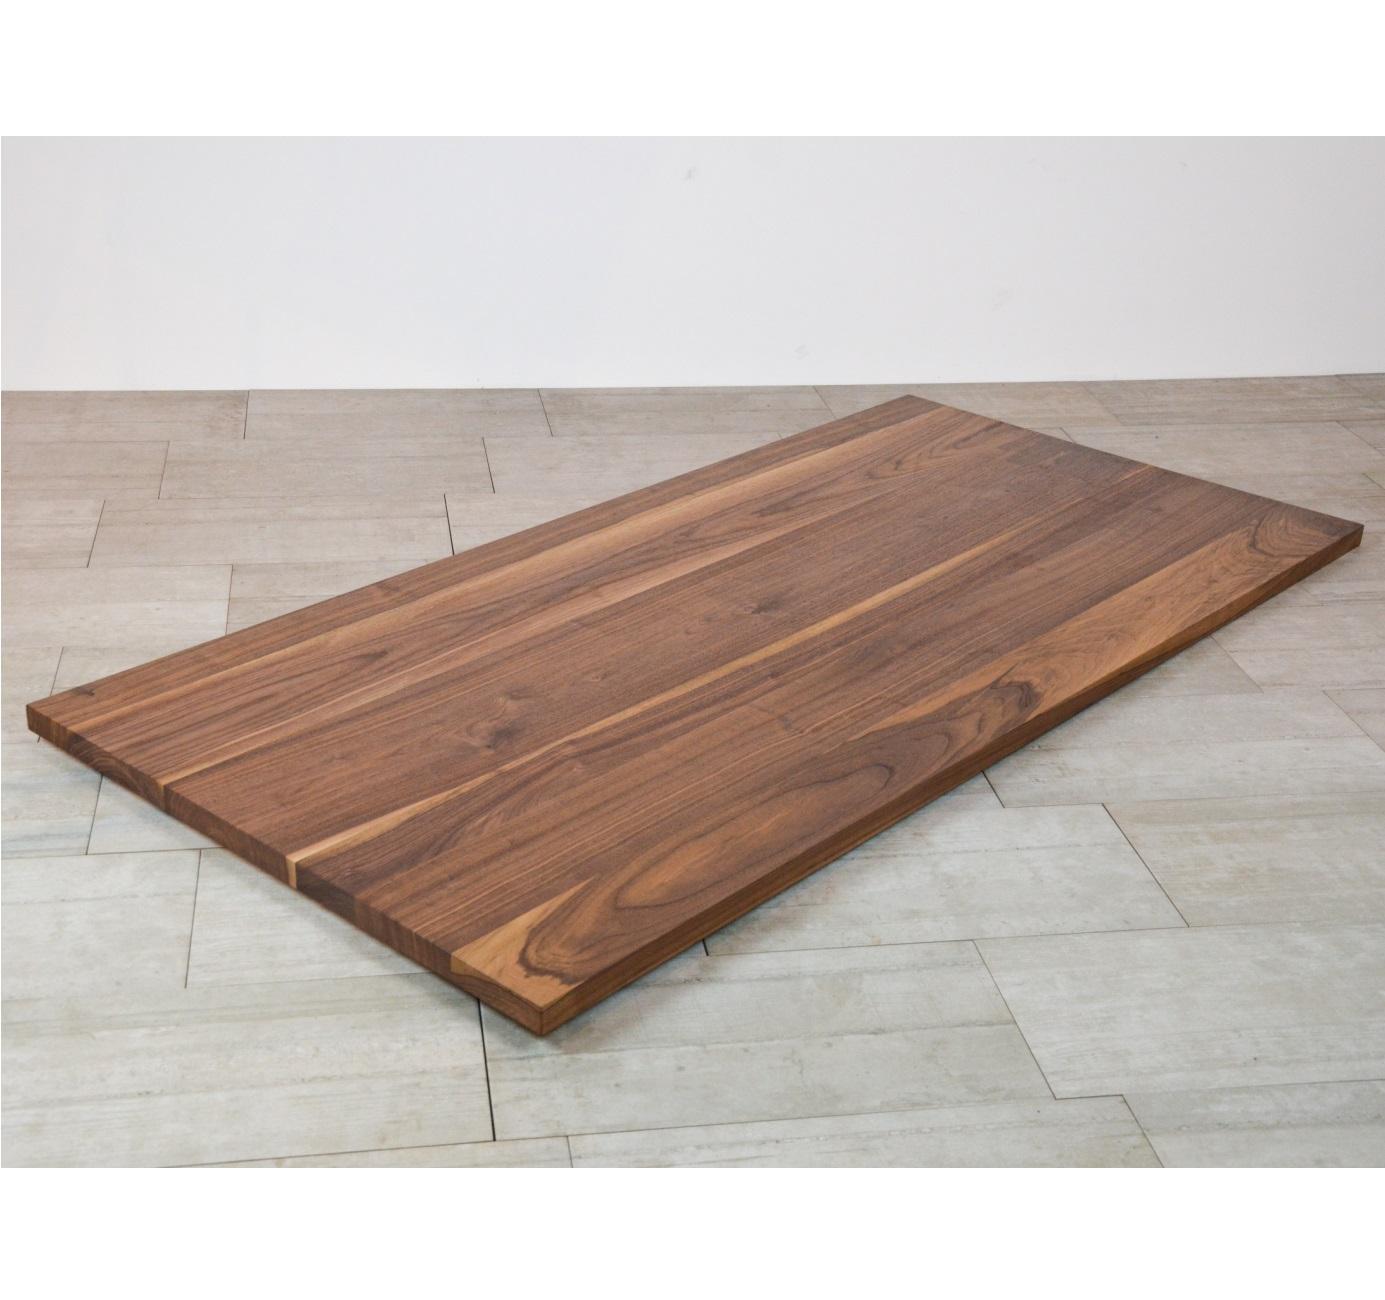 nussbaum tisch kaufen good tisch nussbaum massiv in b etigen kaufen bei with nussbaum tisch. Black Bedroom Furniture Sets. Home Design Ideas